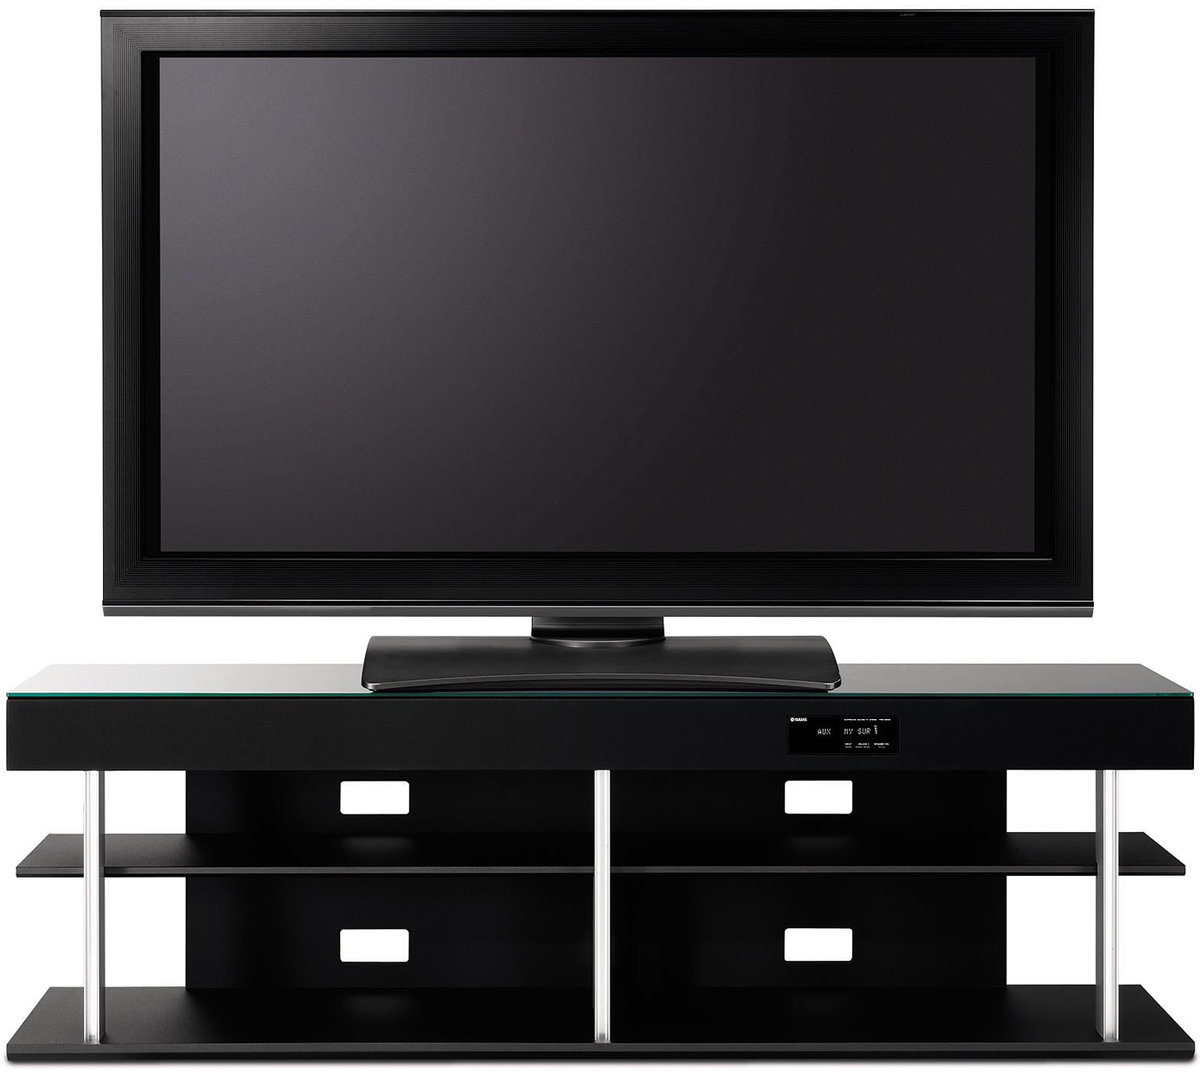 meuble tv yamaha yrs 2000 maison et mobilier d 39 int rieur. Black Bedroom Furniture Sets. Home Design Ideas